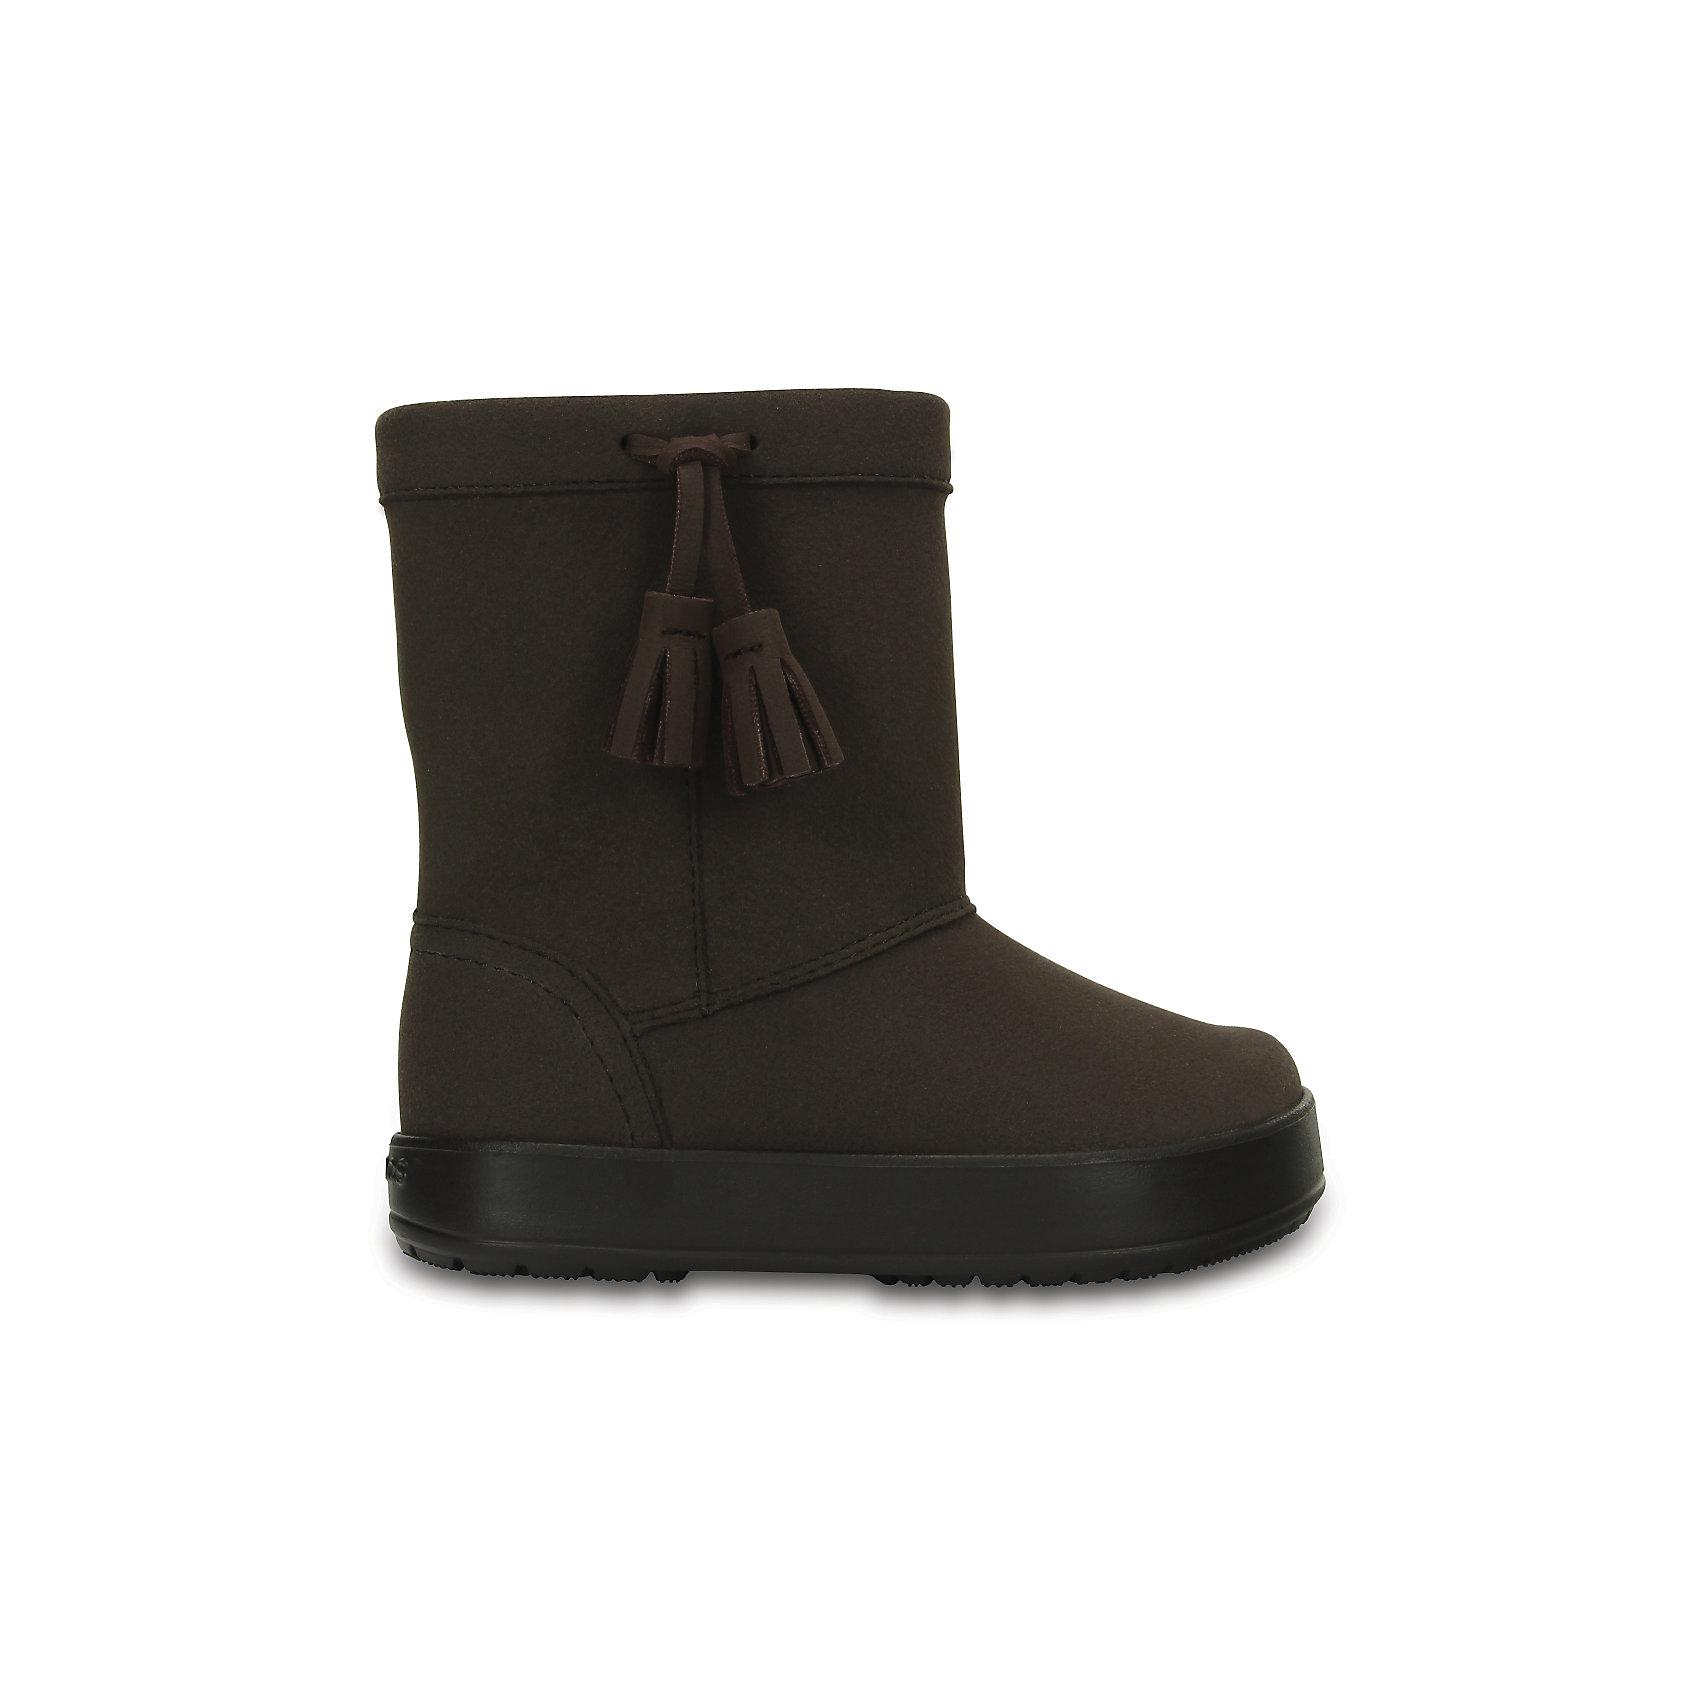 Сапоги Kids' LodgePoint Boot для девочки CROCSСапоги<br>Характеристики товара:<br><br>• цвет: коричневый<br>• материал: верх - искусственная замша, низ - термопластик<br>• материал подкладки: текстиль<br>• температурный режим: от -10° до +10° С<br>• антискользящая подошва<br>• толстая устойчивая подошва<br>• страна бренда: США<br>• страна изготовитель: Китай<br><br>Сапоги могут быть и стильными, и теплыми! Для детской обуви крайне важно, чтобы она была удобной. Такие сапоги обеспечивают детям необходимый комфорт, а теплая подкладка создает особый микроклимат. Сапоги легко надеваются и снимаются, отлично сидят на ноге. Модель очень легкая и устойчивая.<br>Обувь от американского бренда Crocs в данный момент завоевала широкую популярность во всем мире, и это не удивительно - ведь она невероятно удобна. Её носят врачи, спортсмены, звёзды шоу-бизнеса, люди, которым много времени приходится бывать на ногах - они понимают, как важна комфортная обувь. Продукция Crocs - это качественные товары, созданные с применением новейших технологий. Обувь отличается стильным дизайном и продуманной конструкцией. Изделие производится из качественных и проверенных материалов, которые безопасны для детей.<br><br>Сапоги для девочки от торговой марки Crocs можно купить в нашем интернет-магазине.<br><br>Ширина мм: 257<br>Глубина мм: 180<br>Высота мм: 130<br>Вес г: 420<br>Цвет: коричневый<br>Возраст от месяцев: 36<br>Возраст до месяцев: 48<br>Пол: Женский<br>Возраст: Детский<br>Размер: 27,34/35,28,29,30,23,24,25,26,31/32,33/34<br>SKU: 5027433